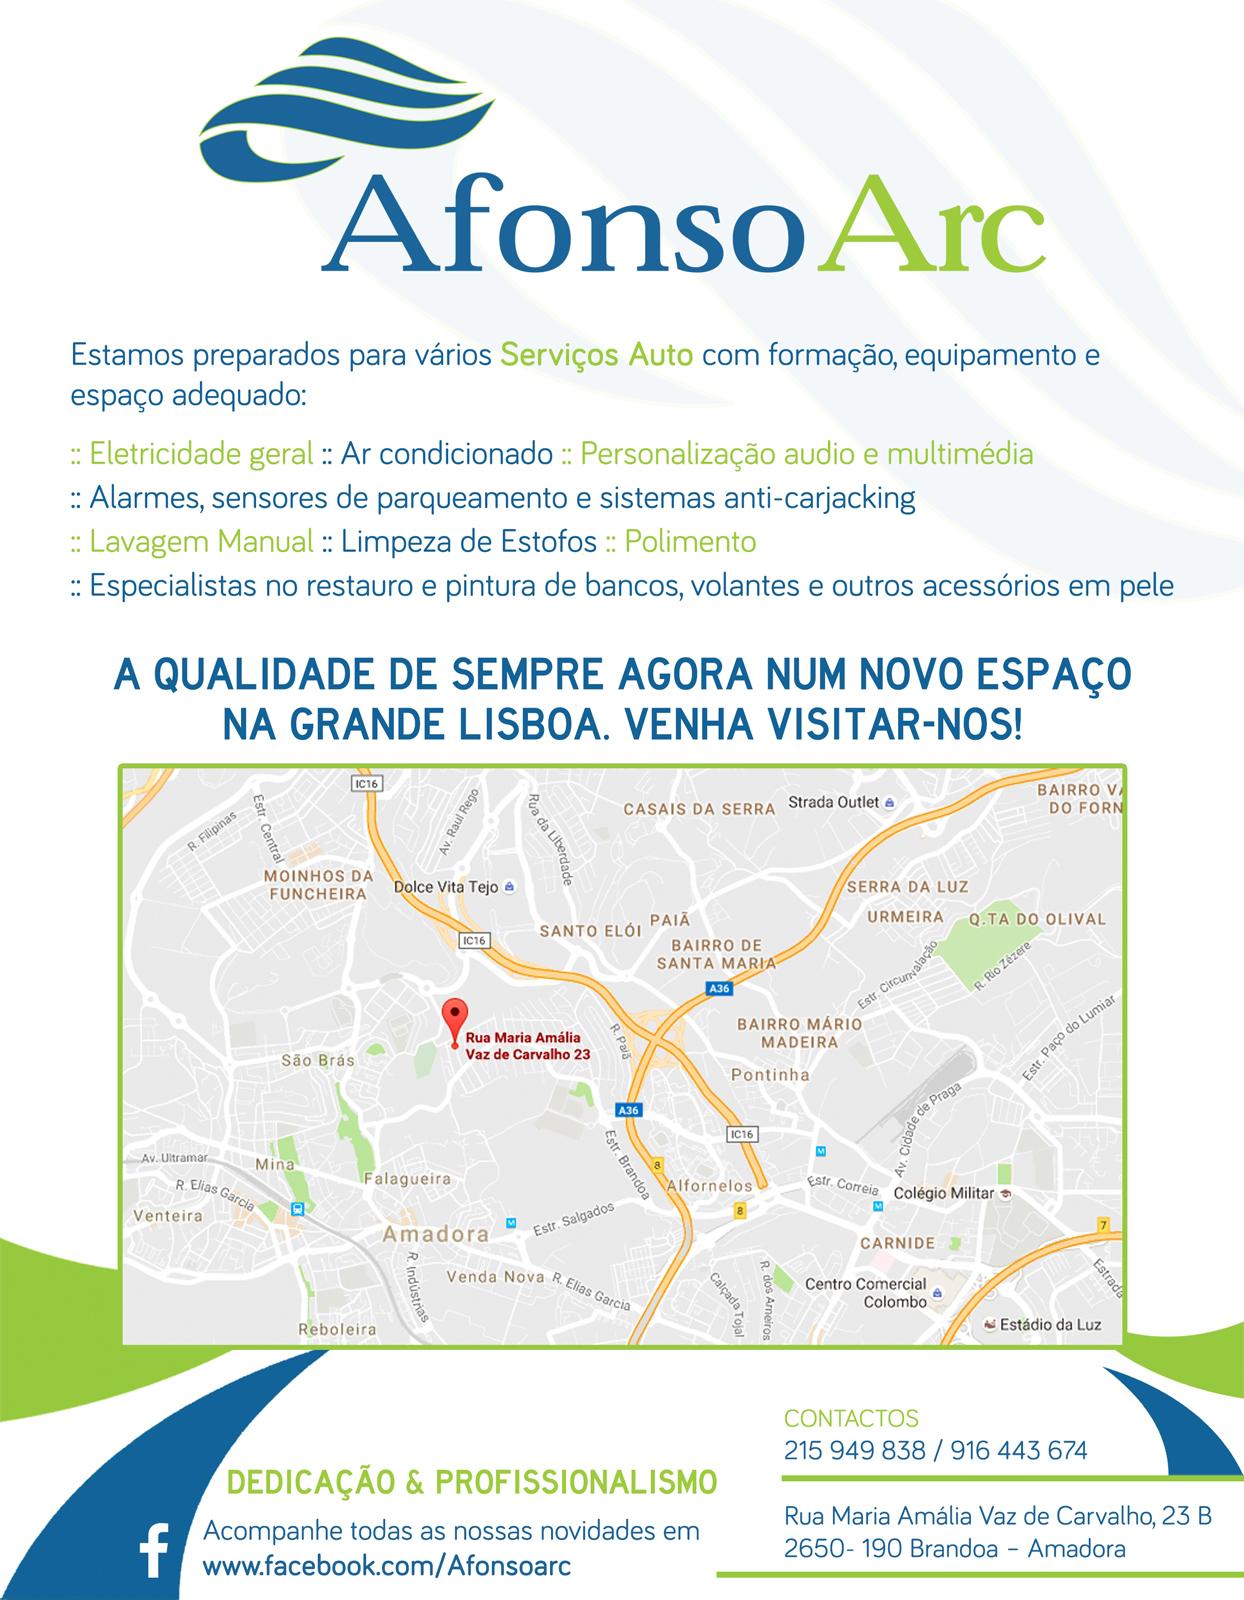 """<a href=""""https://www.facebook.com/Afonsoarc"""" target=""""_blank"""">AfonsoArc – Ver Website</a>"""